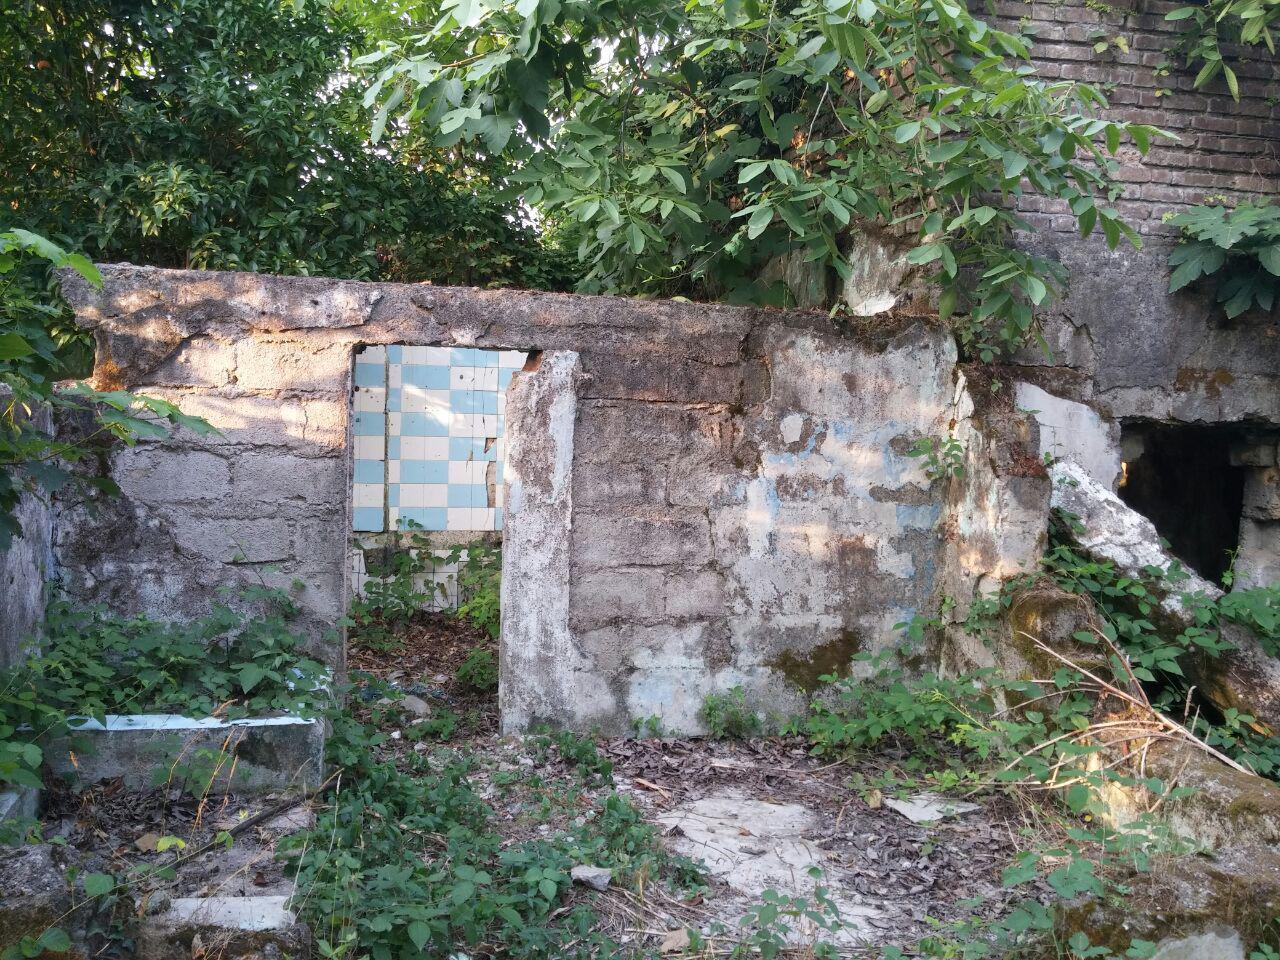 اولین حمام سنتی و عمومی گیلاکجان را بشناسیم